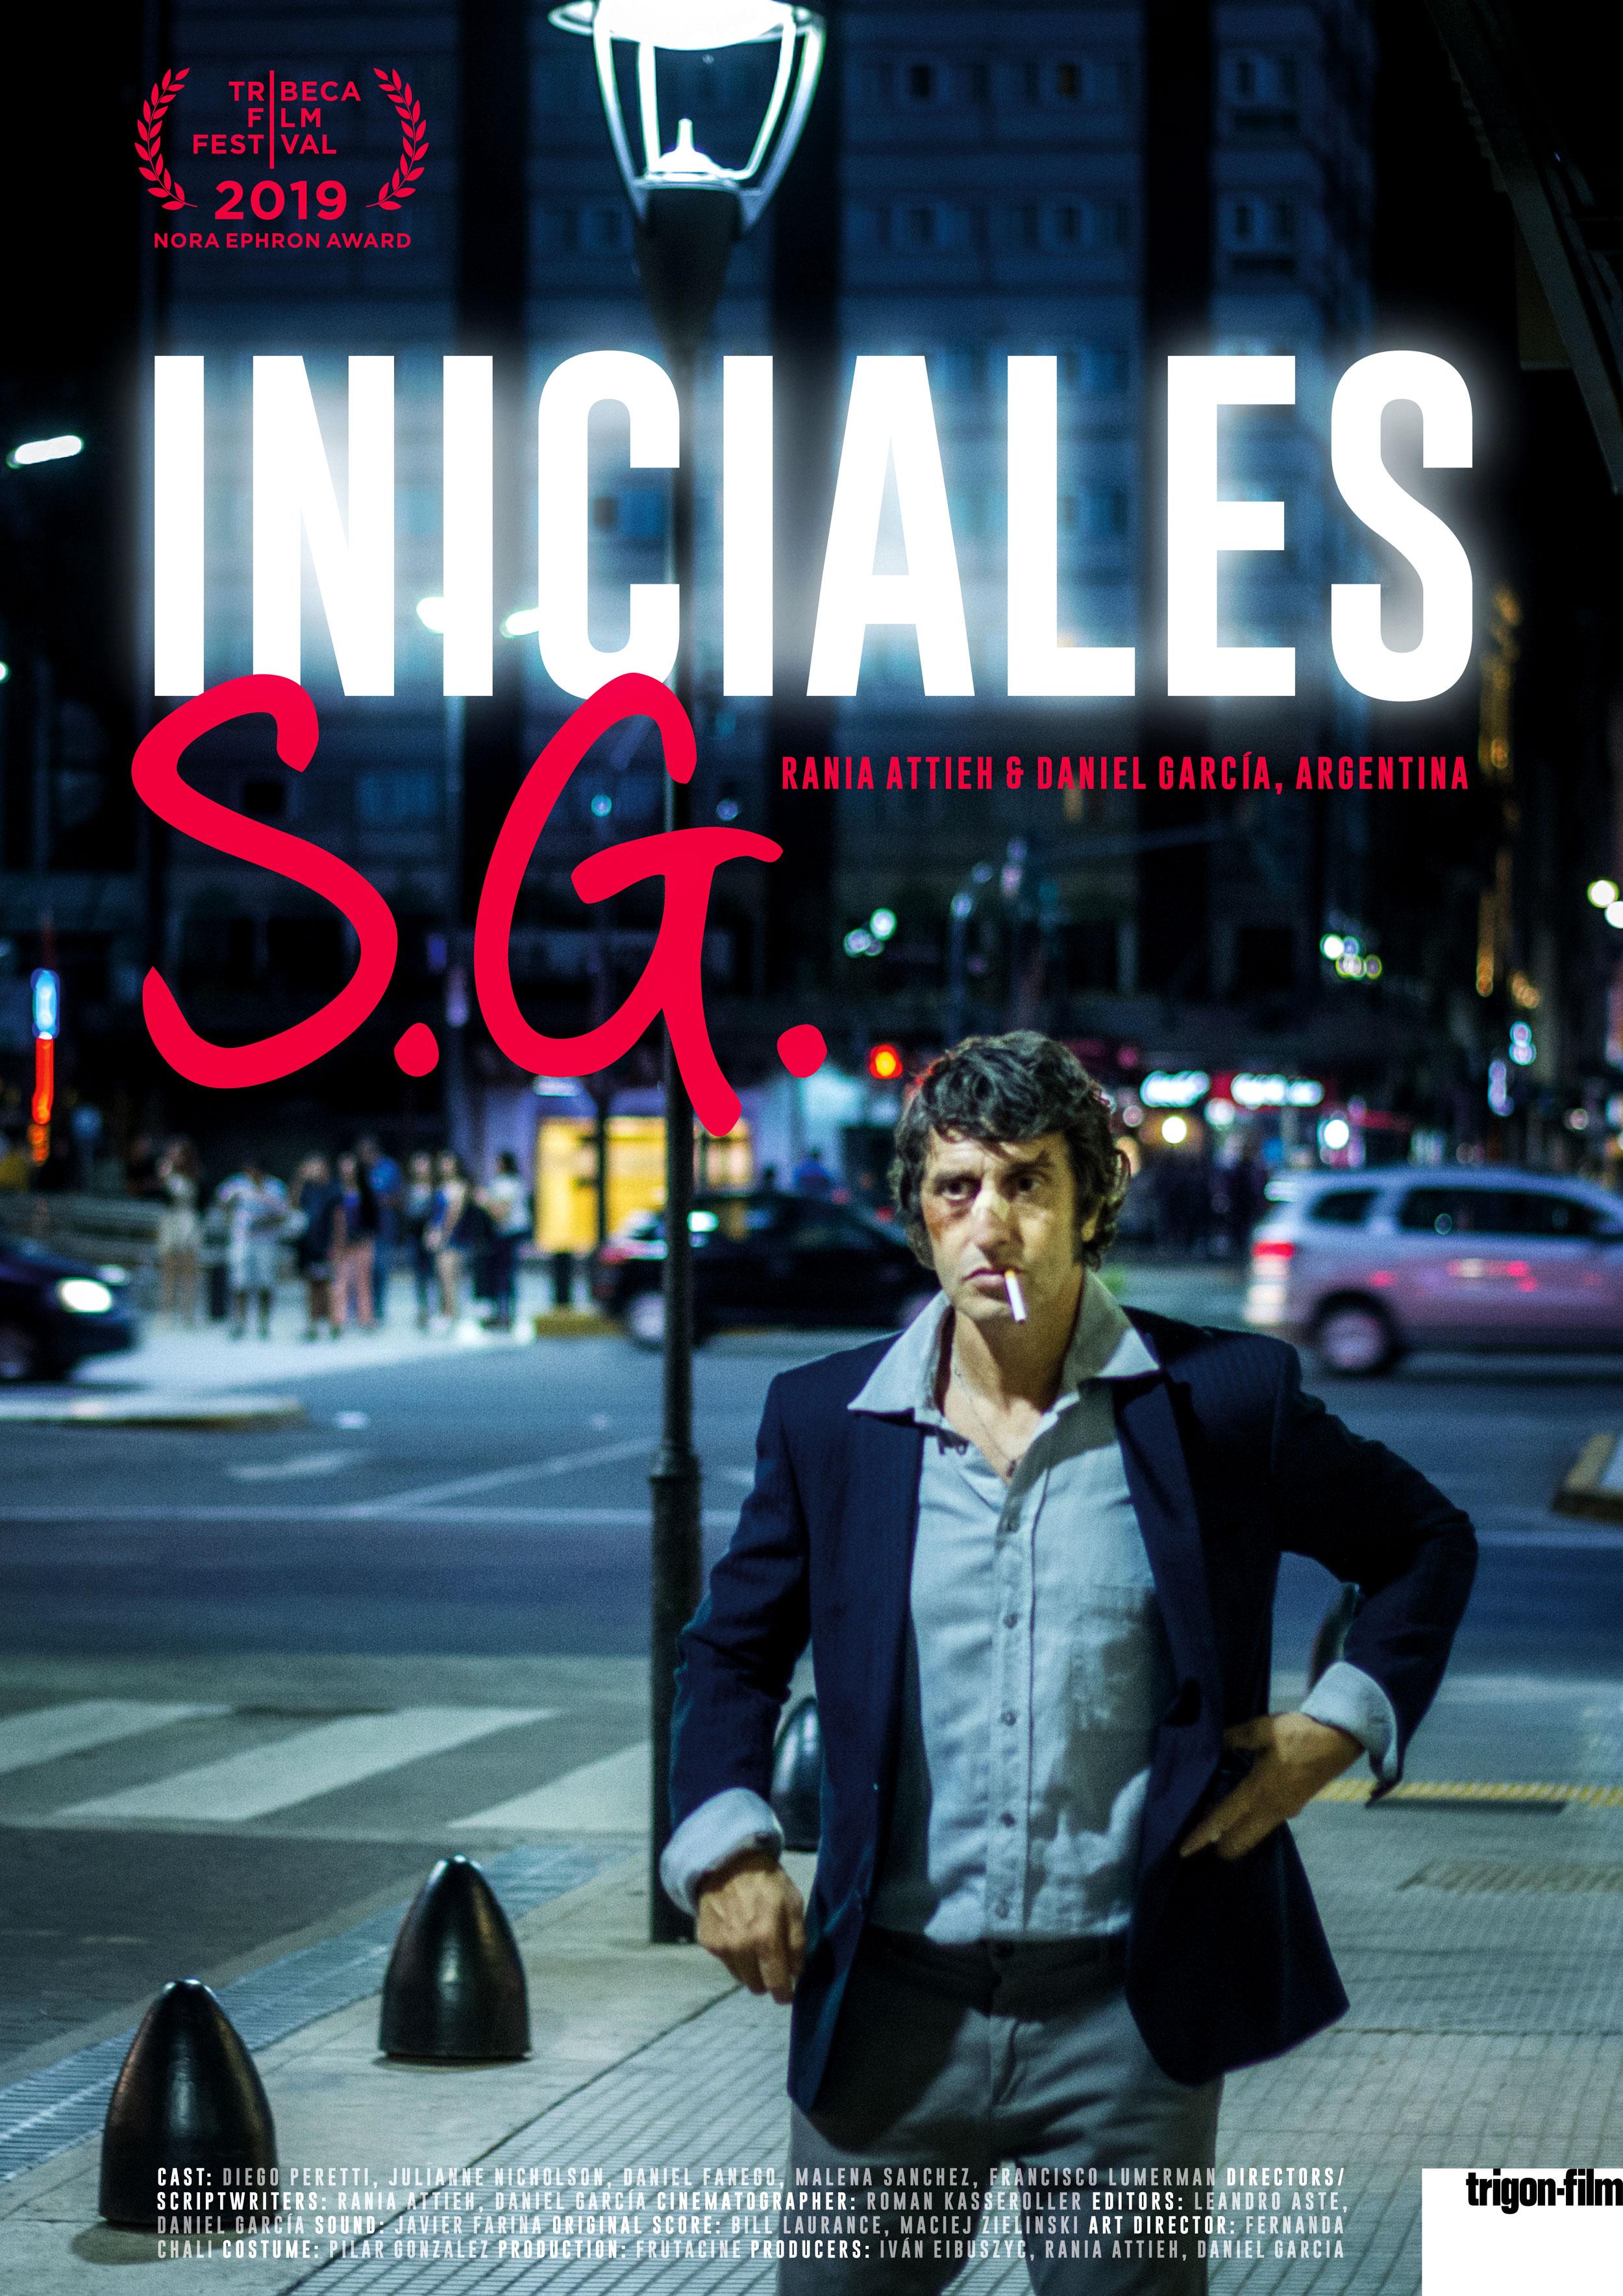 Visuel_Iniciales_SG